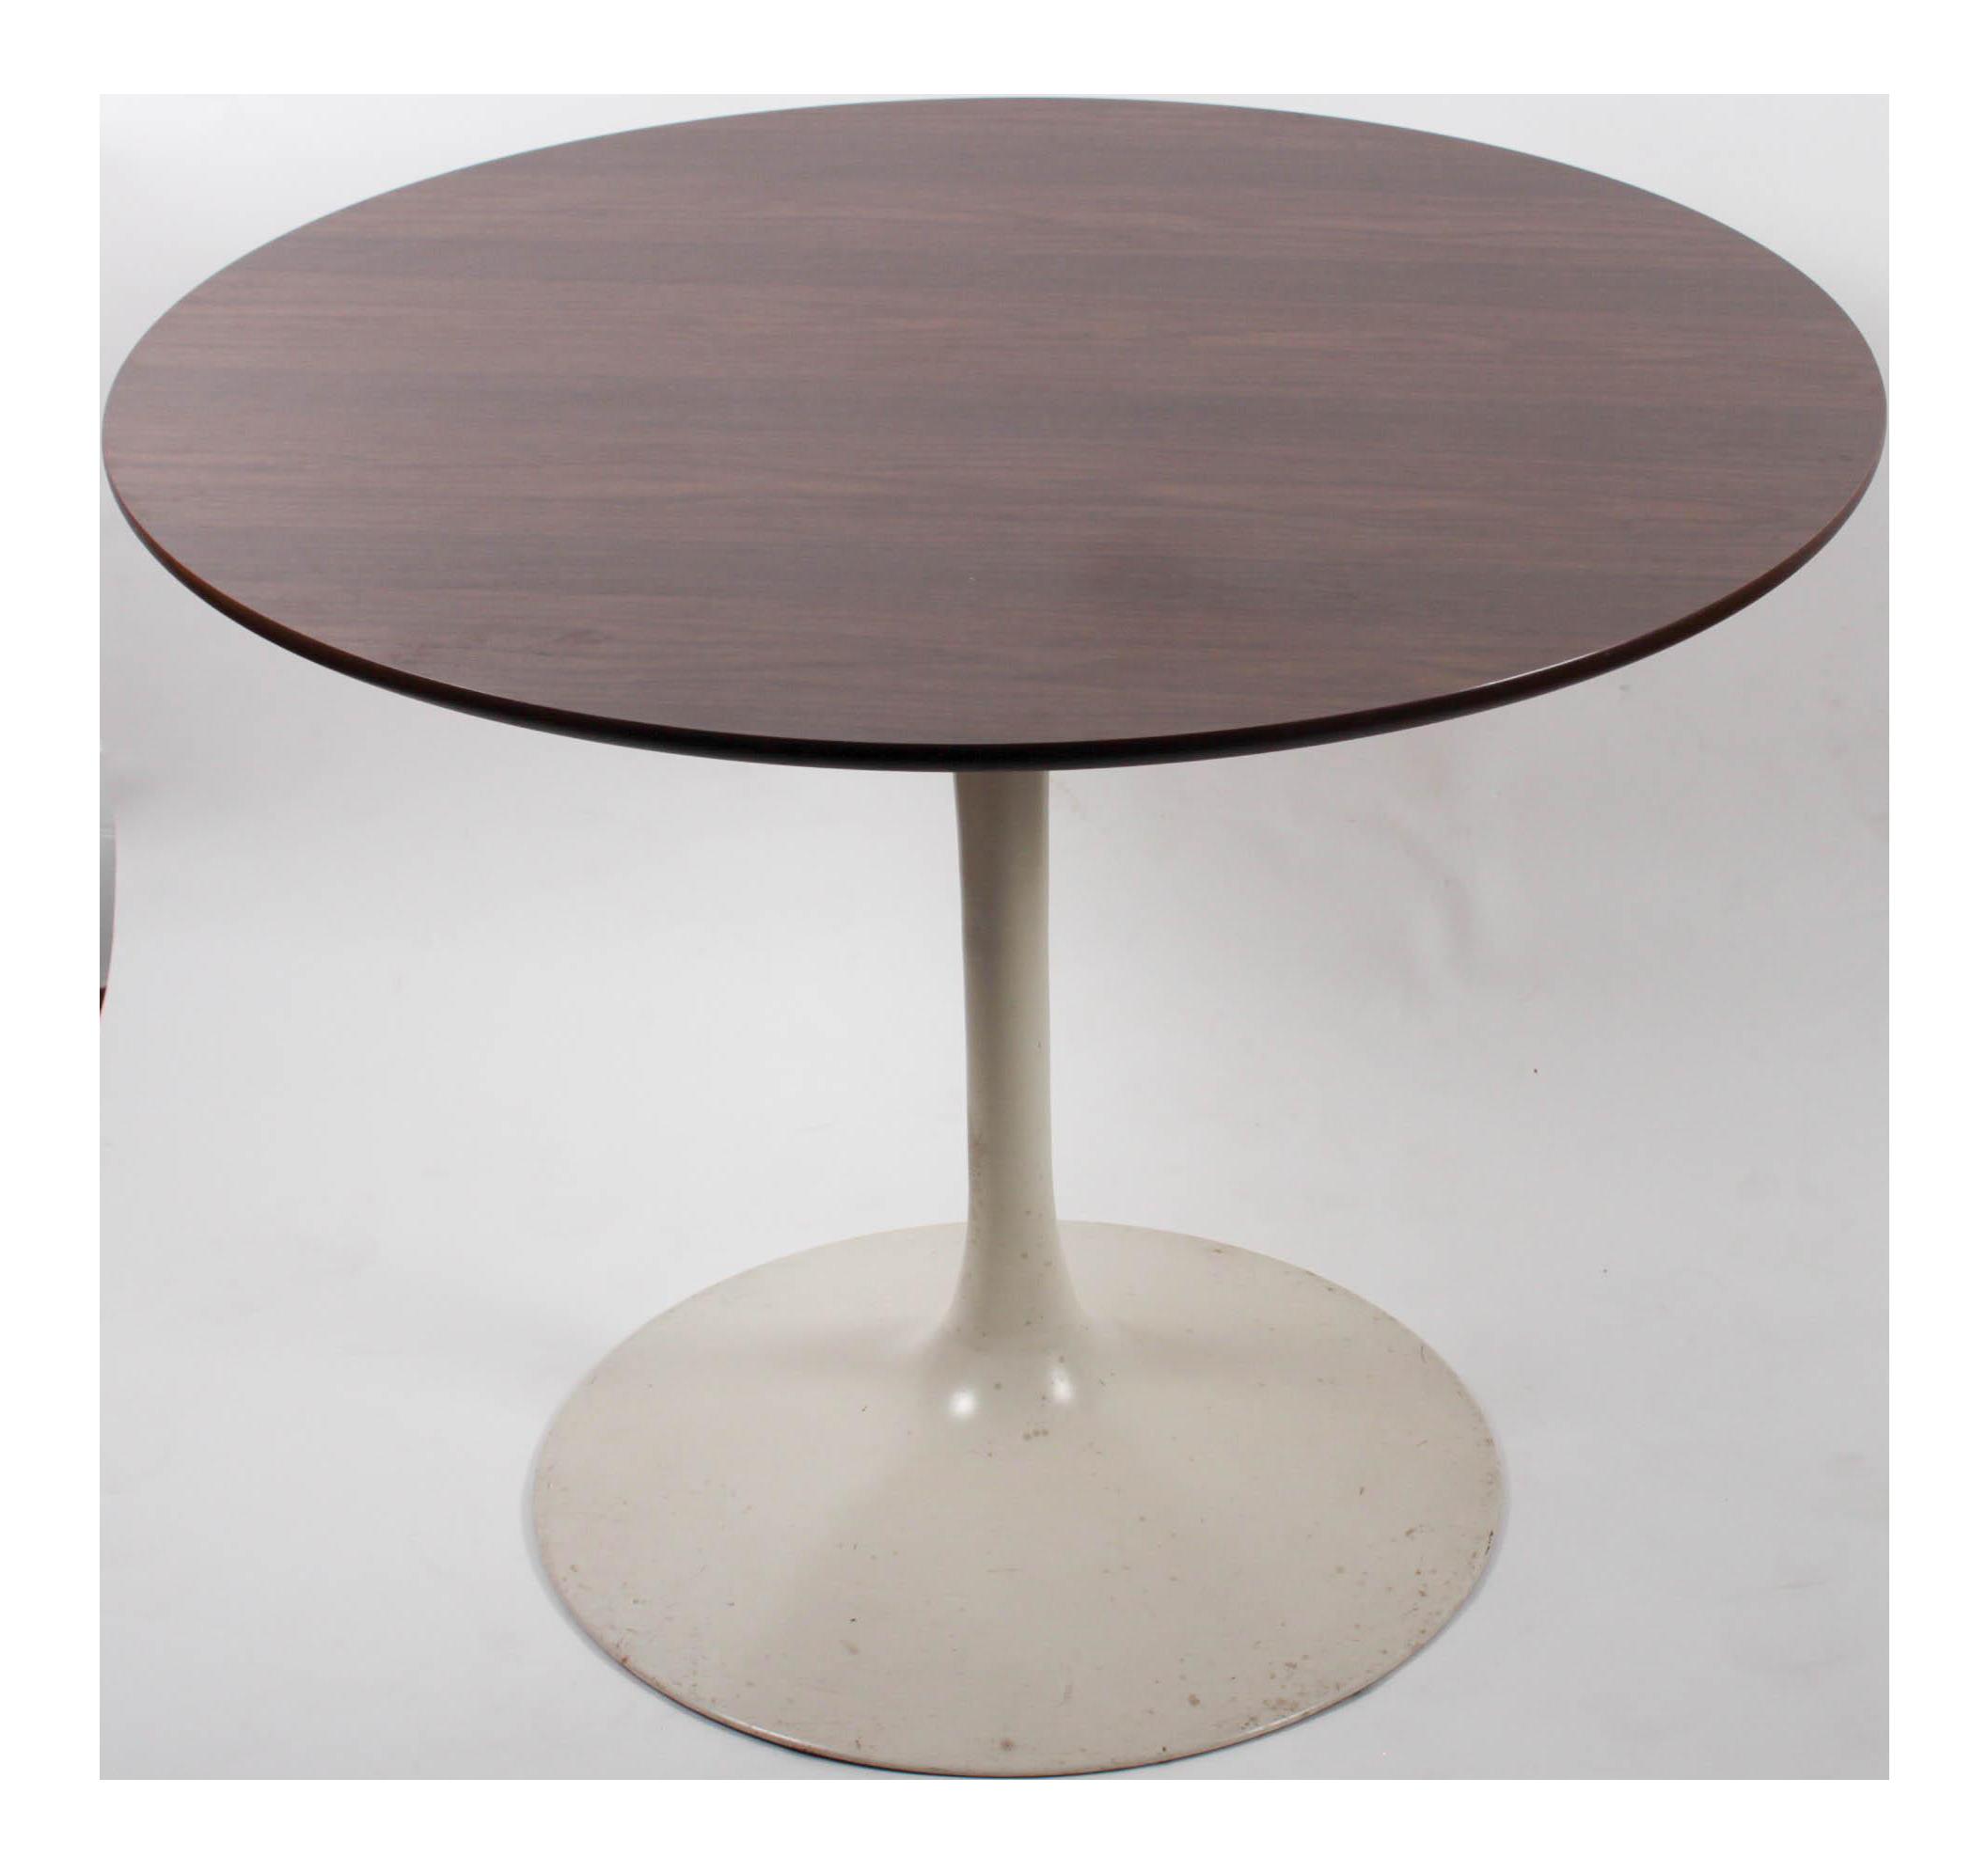 Vintage Saarinen Style Tulip Table